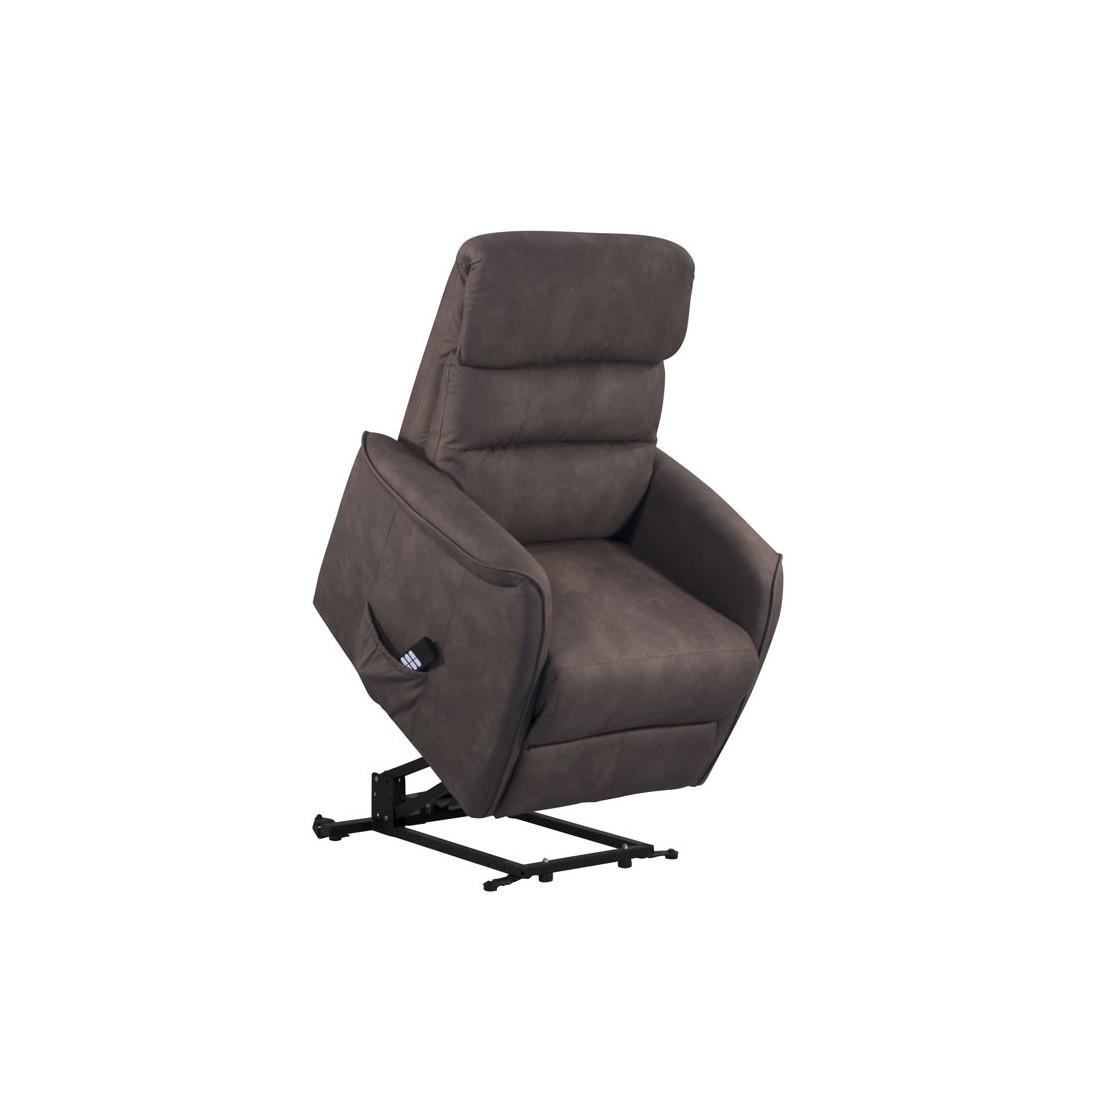 fauteuil de relaxation brun softy univers du salon. Black Bedroom Furniture Sets. Home Design Ideas